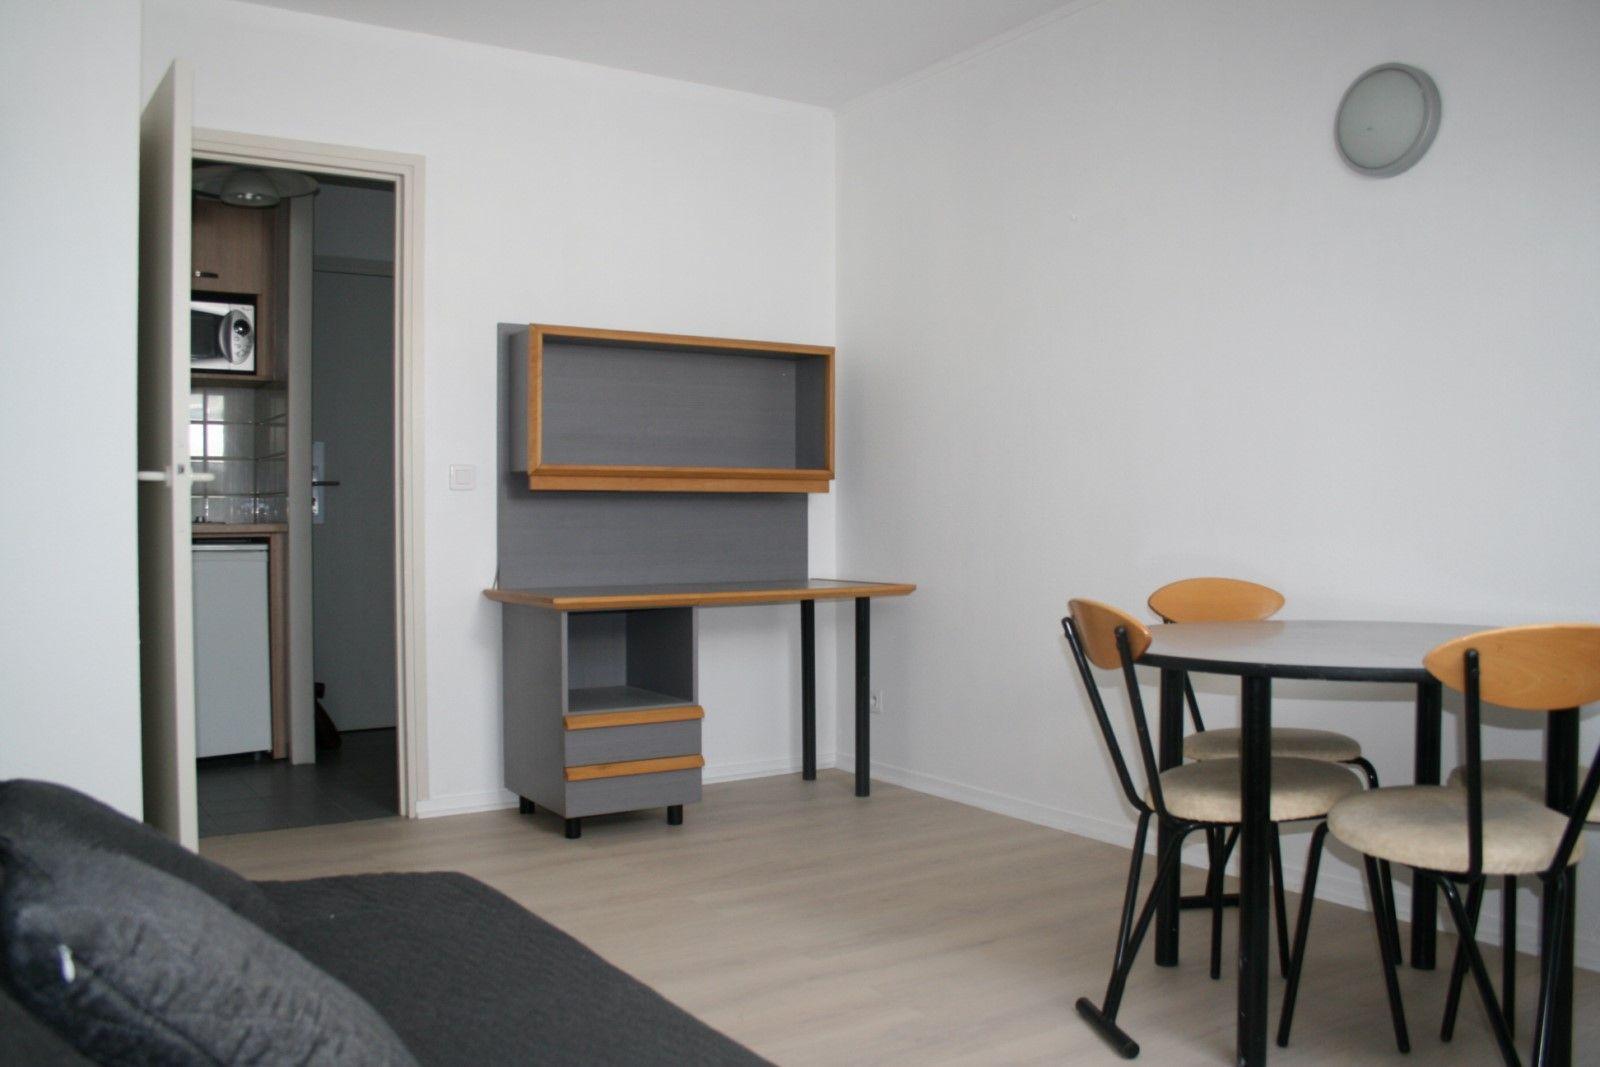 Location appartement Caen : pourquoi privilégier des agences ?